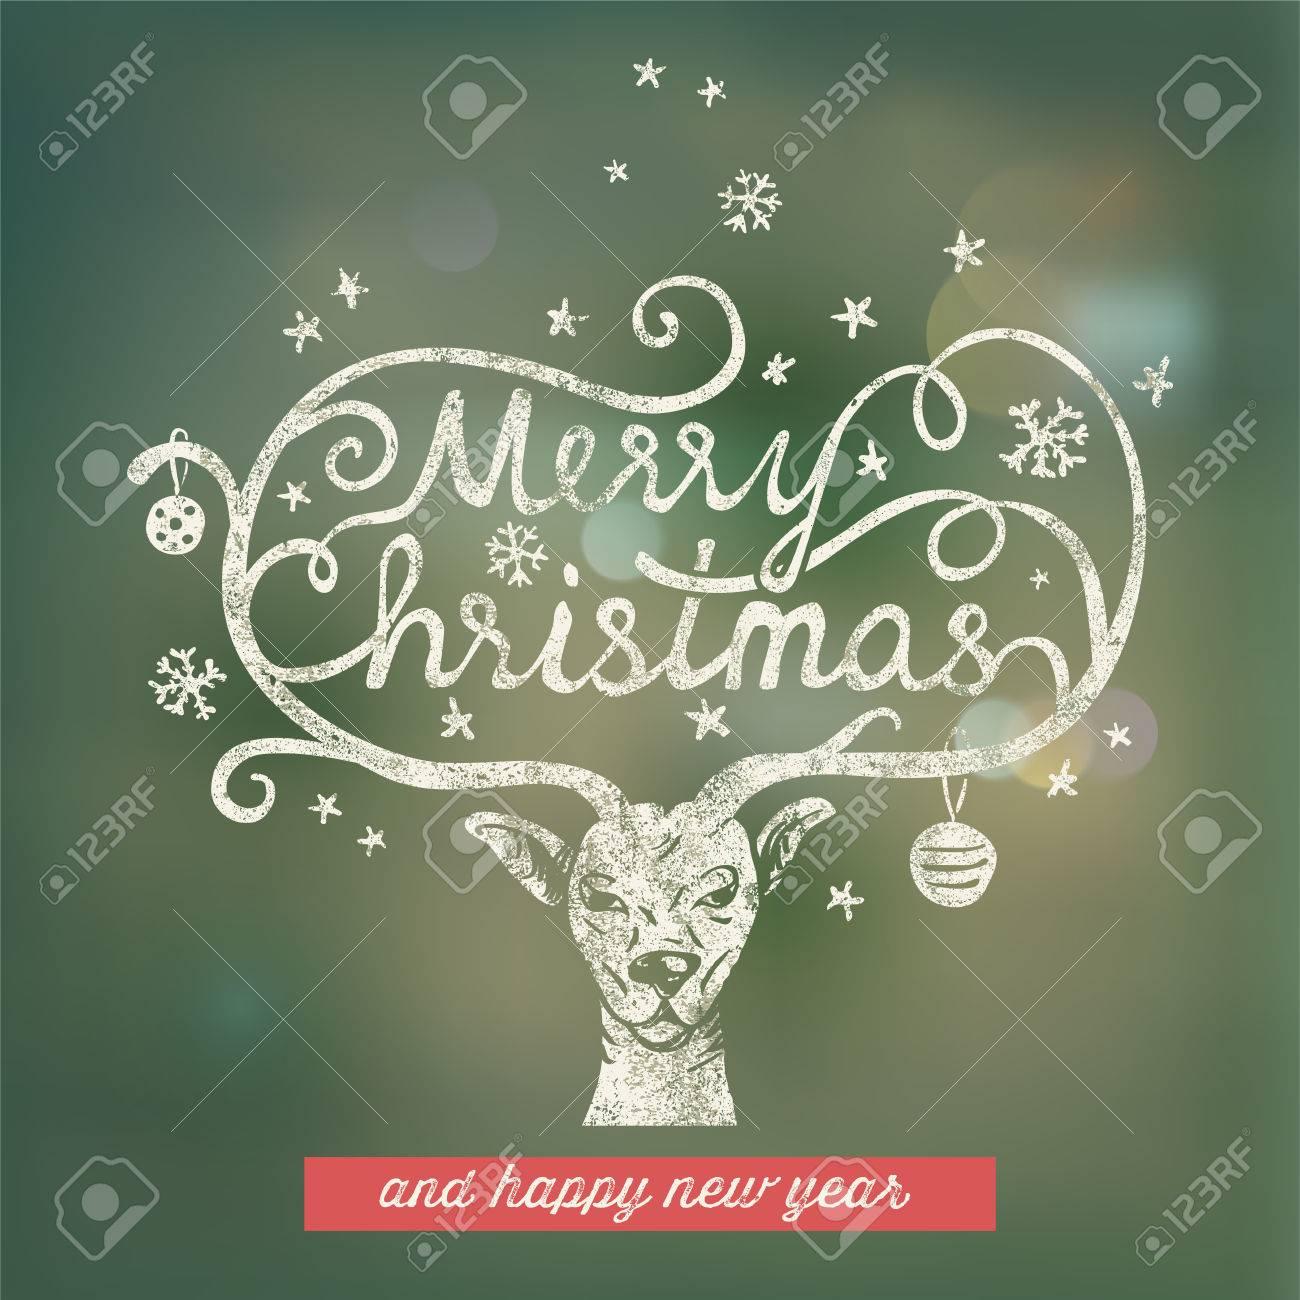 Christmas handwritten typography Stock Vector - 23235968